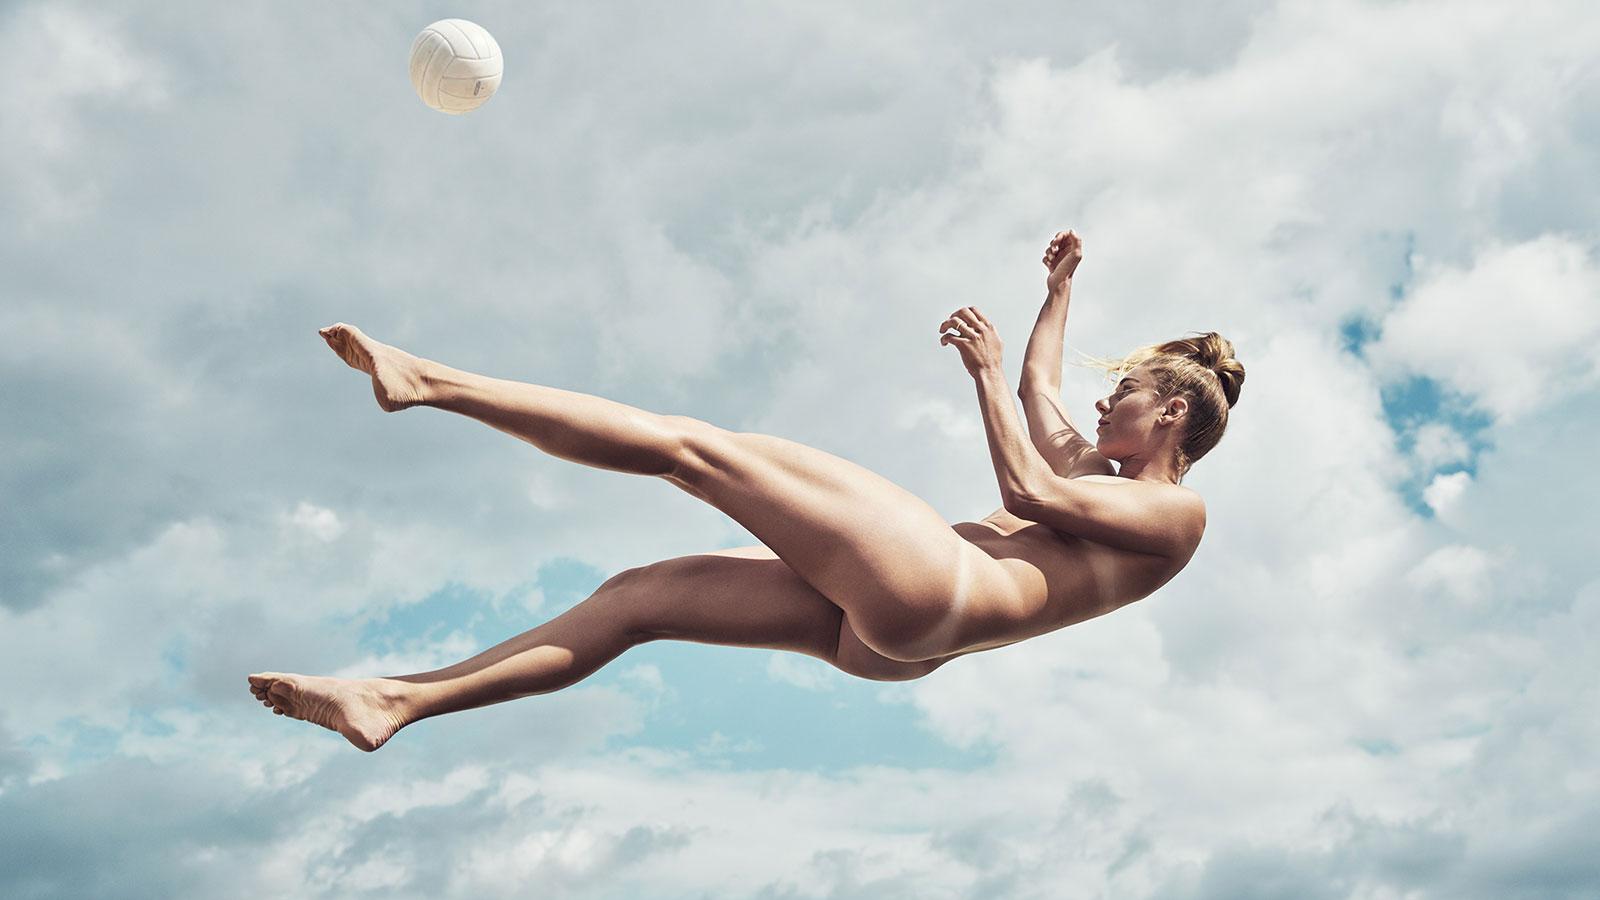 April Ross. В ежегодной фотосессии Body Issue для журнала ESPN приняли участие 20 известных спортсменов